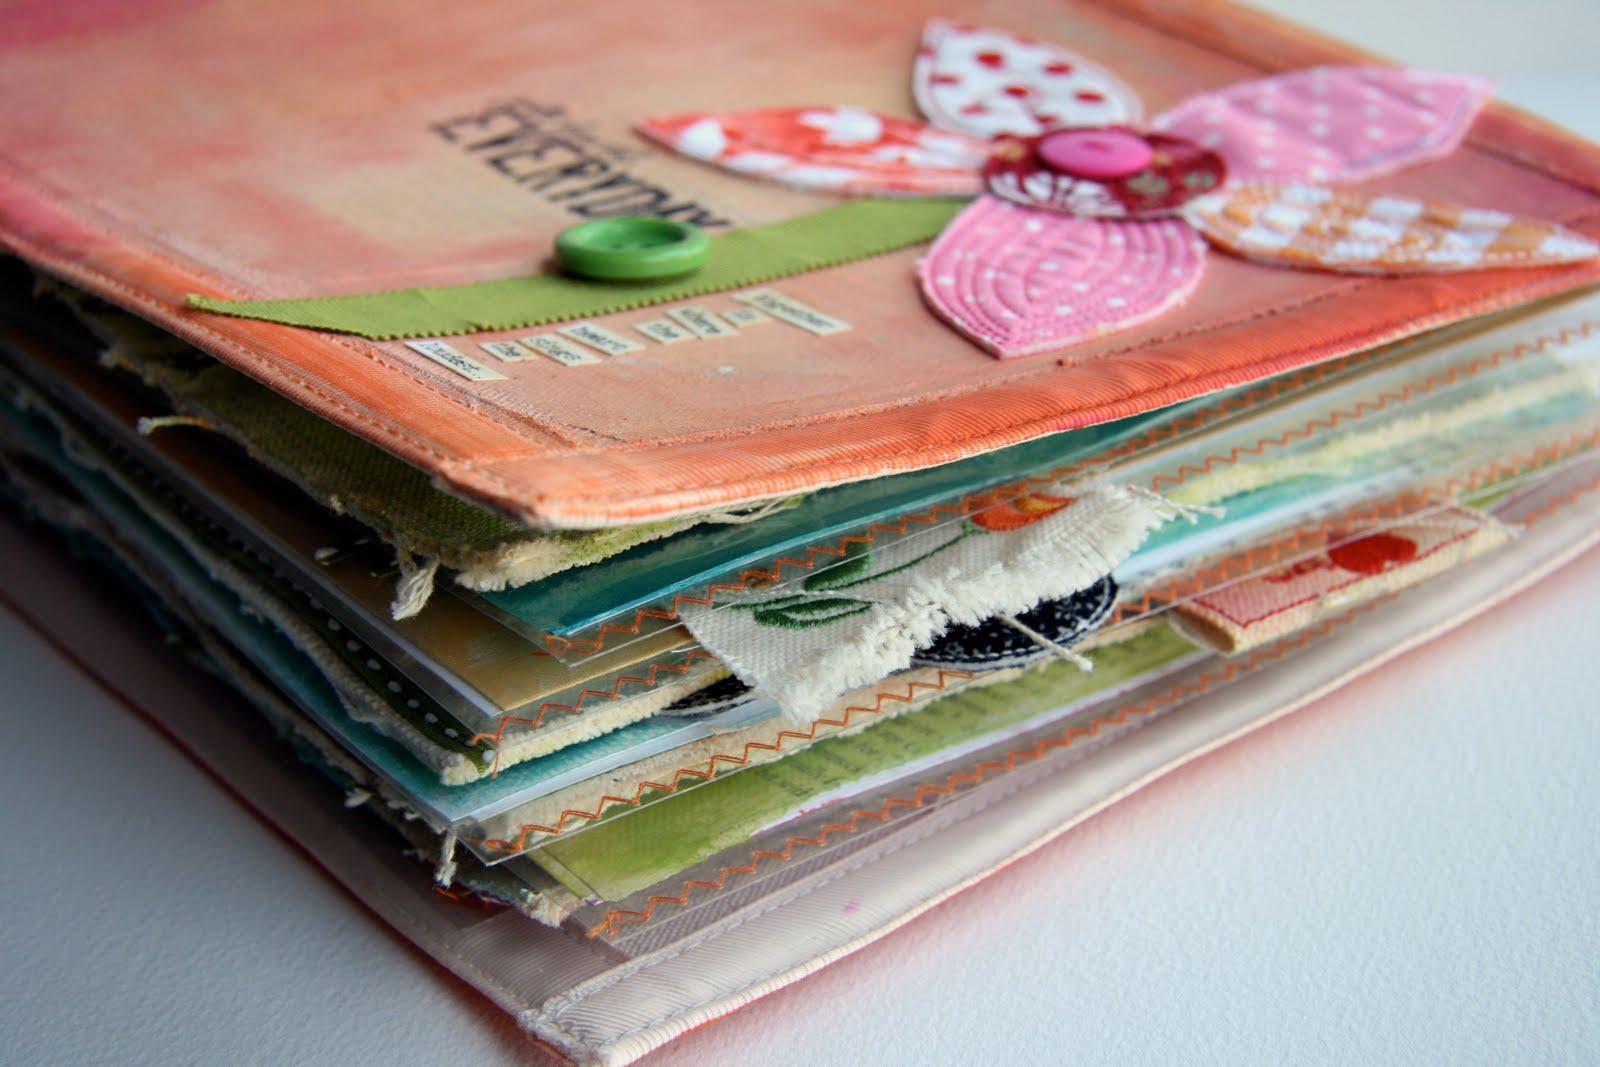 http://3.bp.blogspot.com/_-v44zUUtn3o/TAxqv4gF8HI/AAAAAAAAAac/EC04mC3Y4D8/s1600/fabric+scrapbooking+cover3.jpg